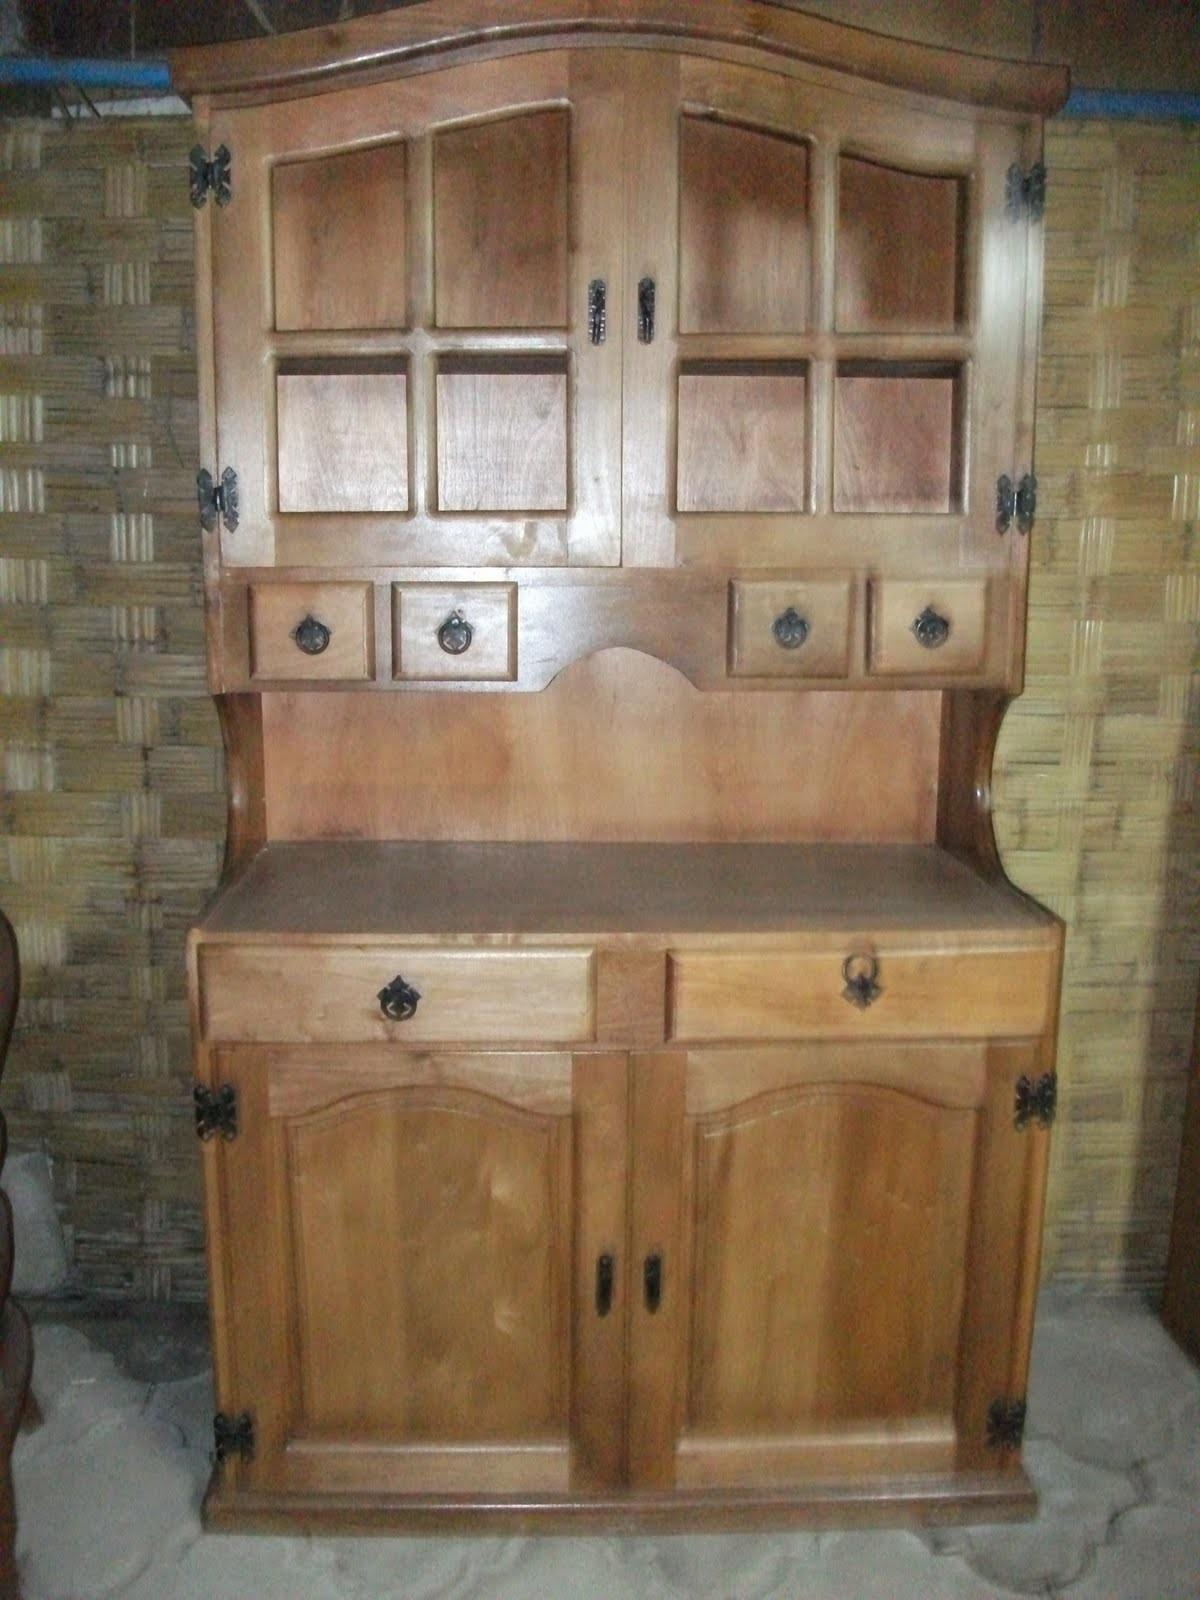 Muebles De Cocina Rusticos Baratos Y7du Muebles Cocina Rusticos Baratos Hehubp